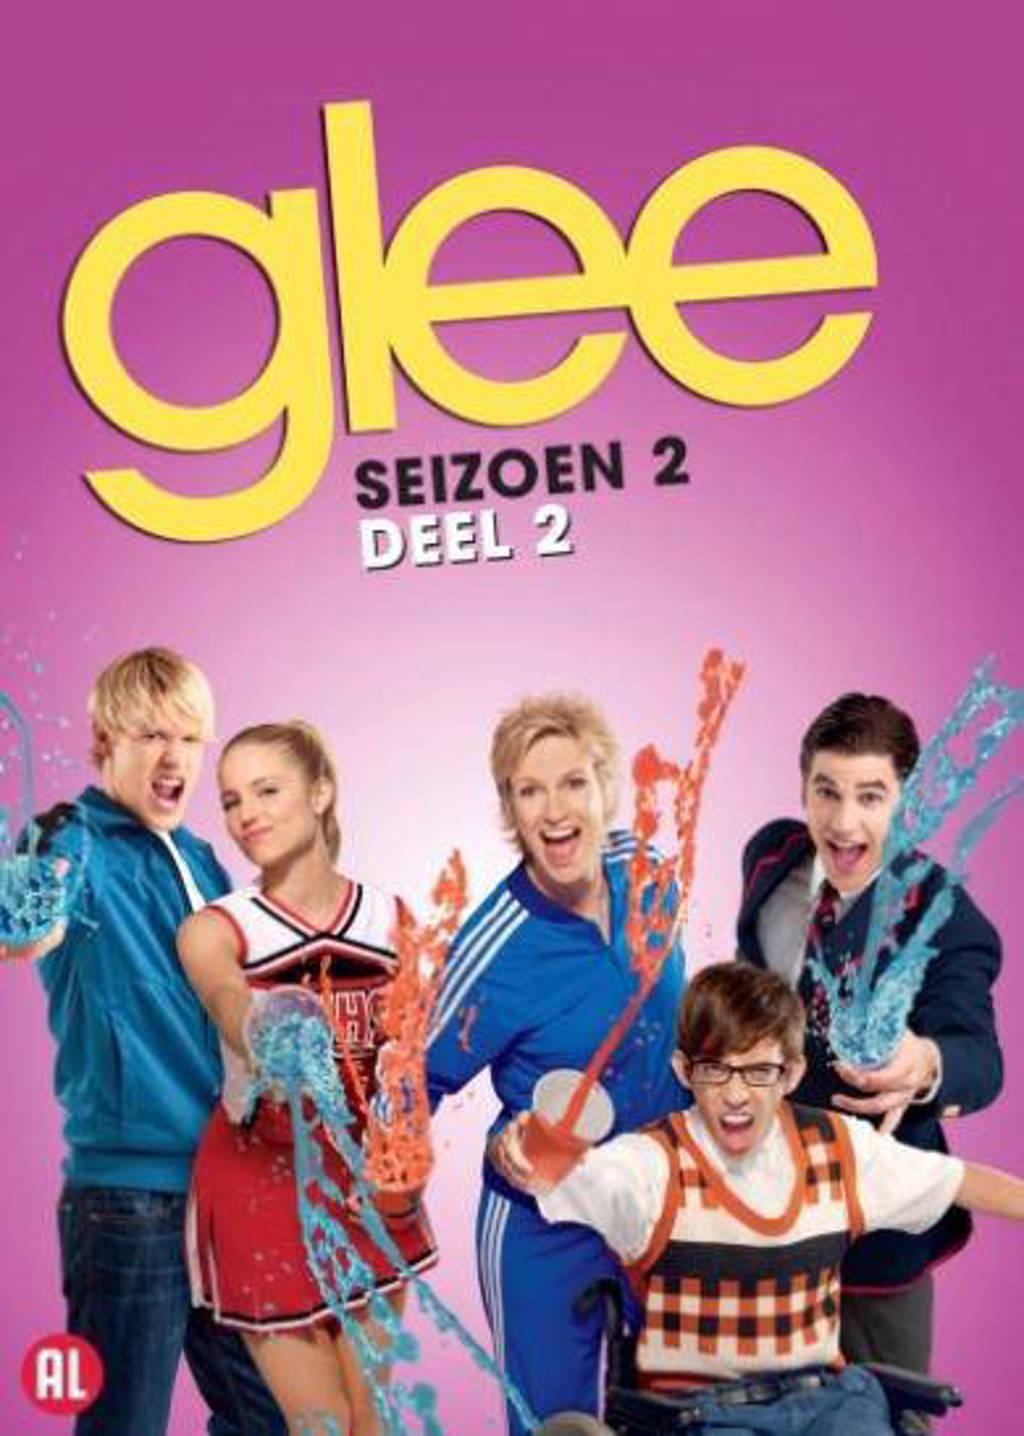 Glee - Seizoen 2 deel 2 (DVD)